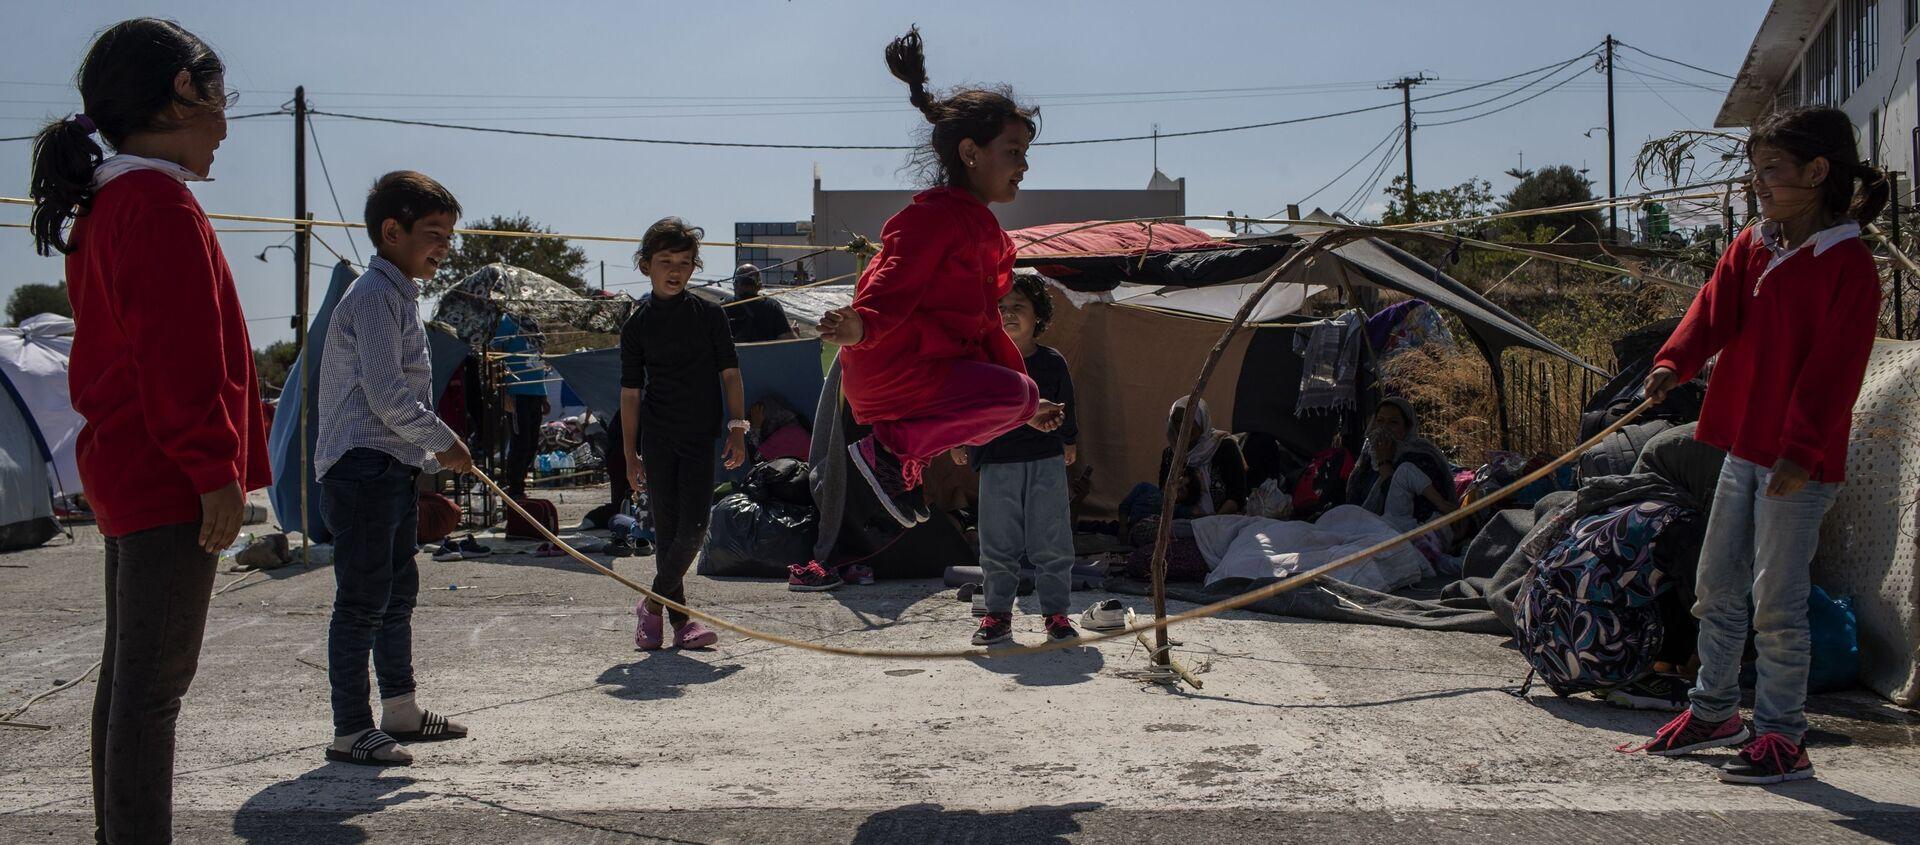 L'isola Lesbos: i bambini che si giocano - Sputnik Italia, 1920, 18.11.2020